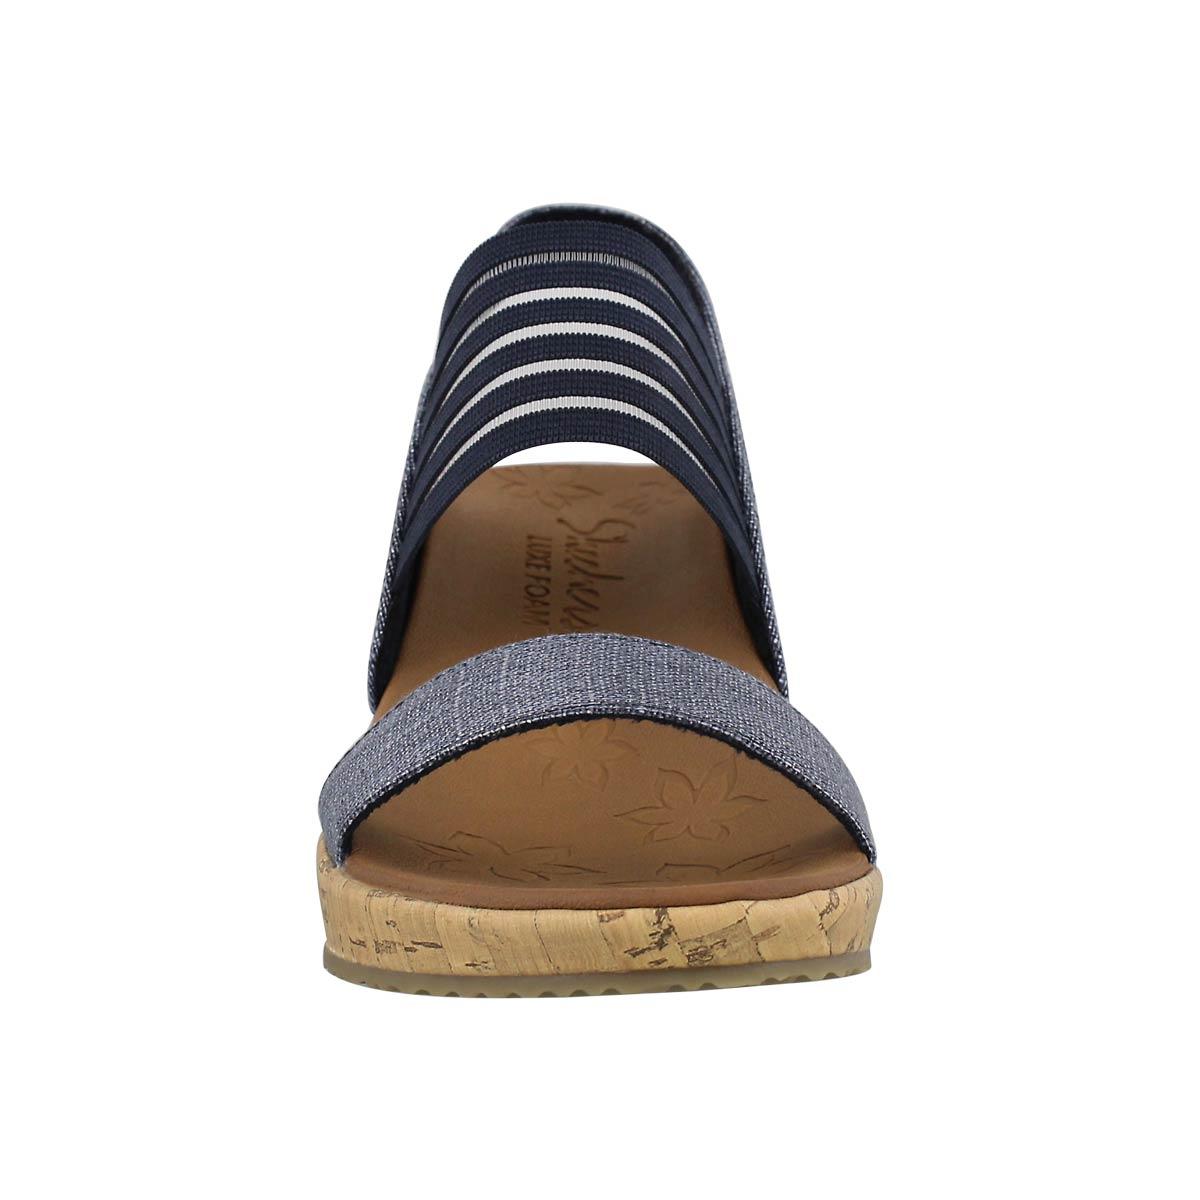 Women's BEVERLEE SMITTEN nvy wedge sandals